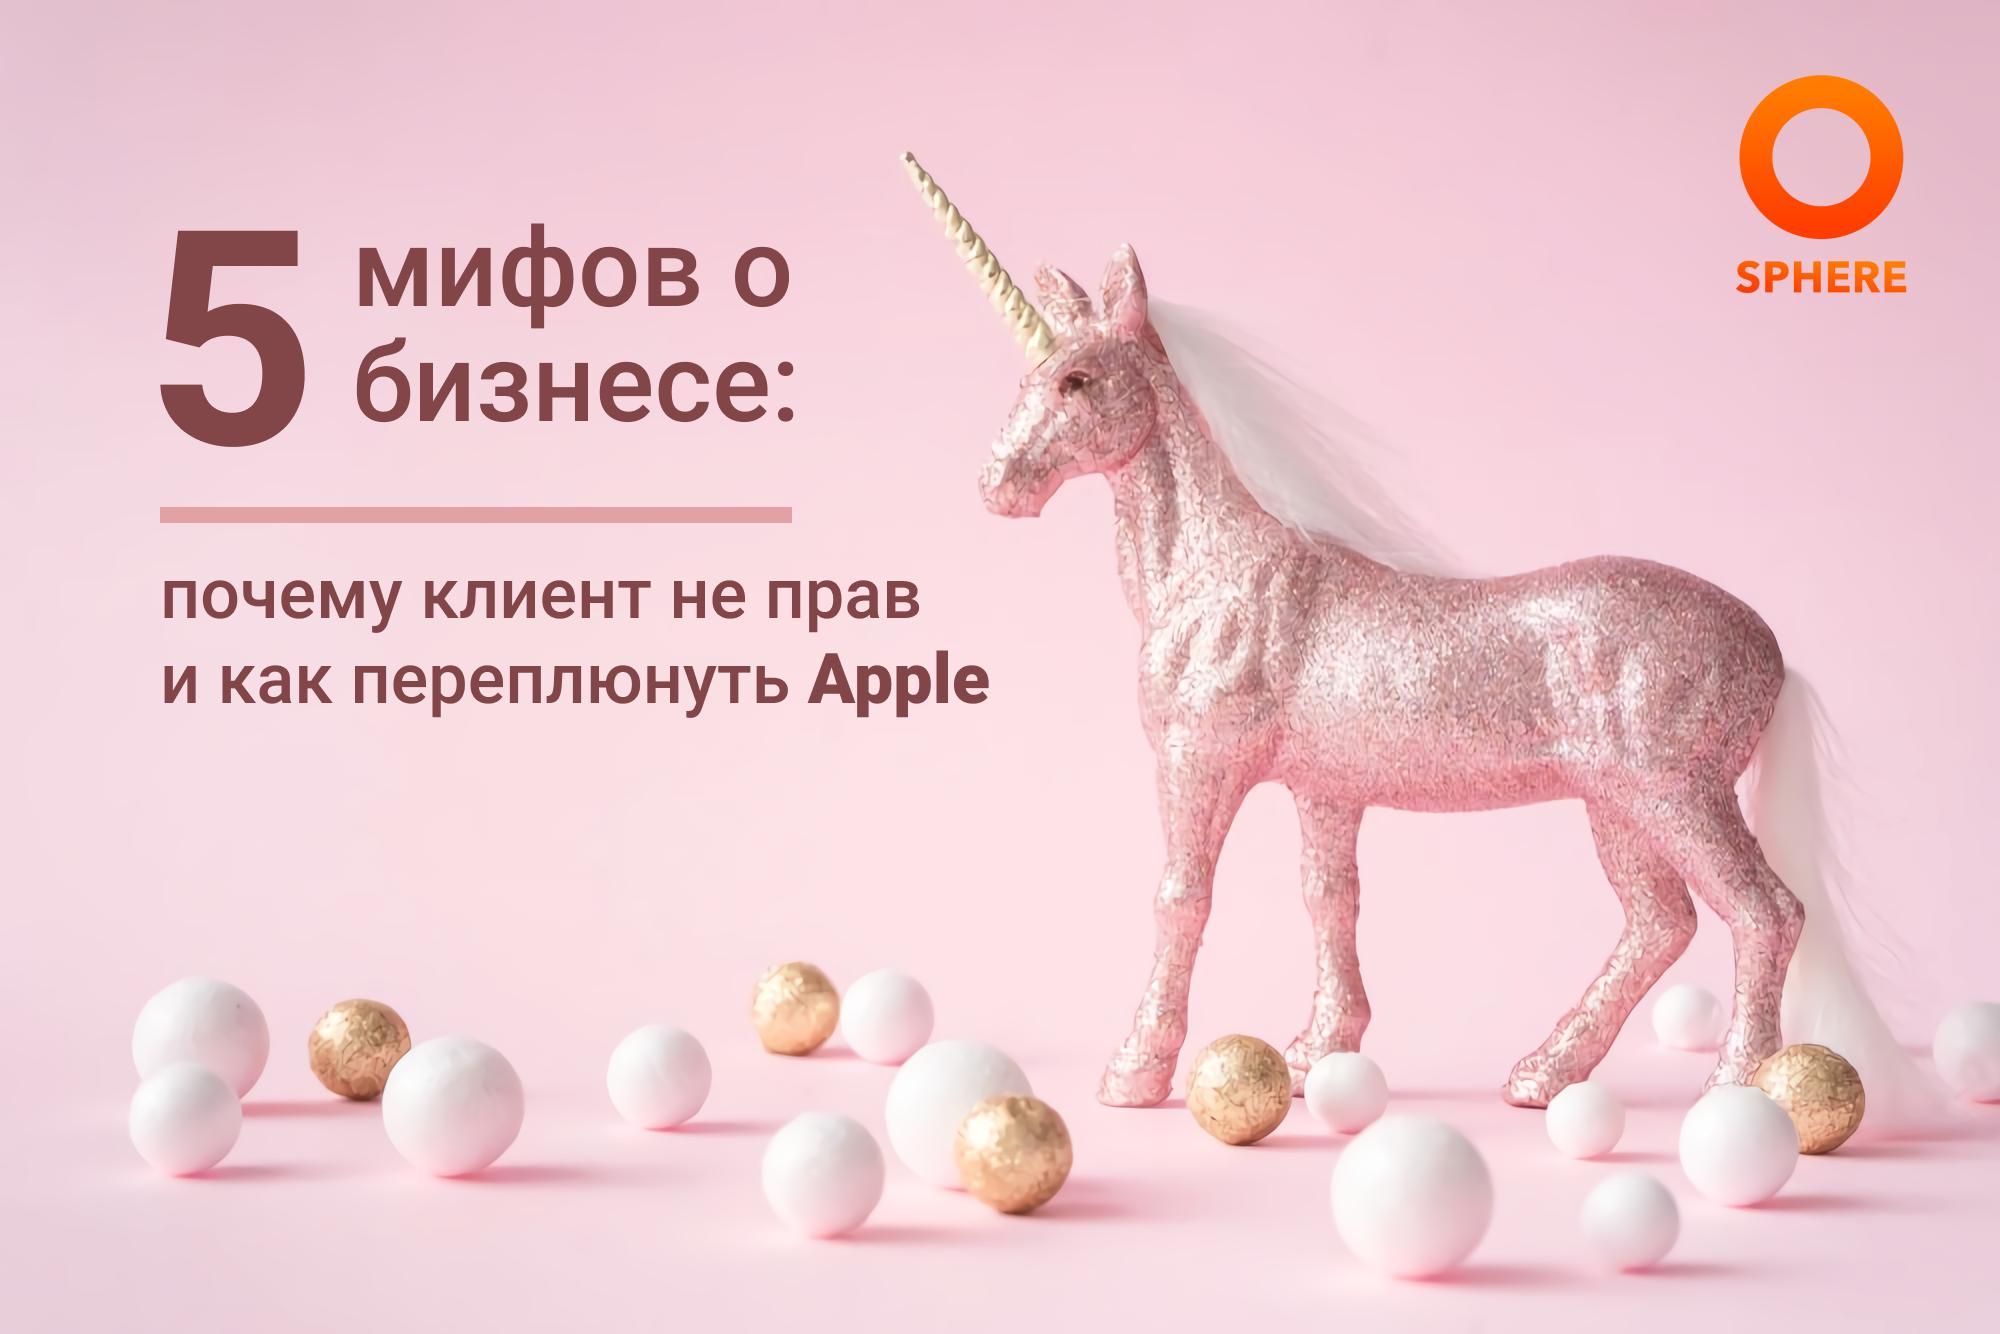 5 мифов о бизнесе: почему клиент не прав и как переплюнуть Apple